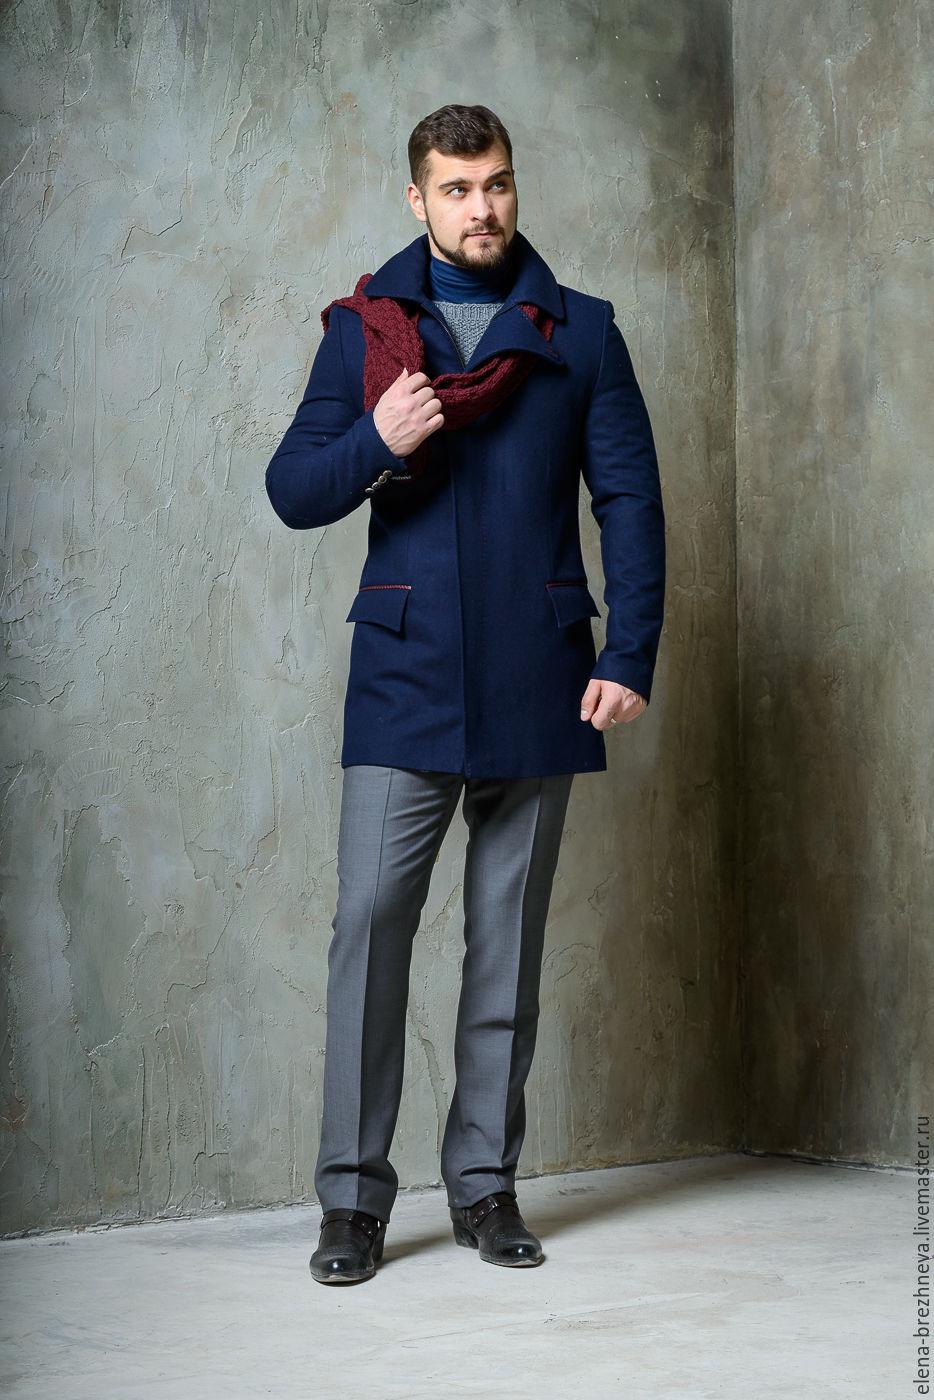 e906035f35f «Пальто мужское с элементами из питона - купить или заказать в  интернет-магазине на Ярмарке Мастеров